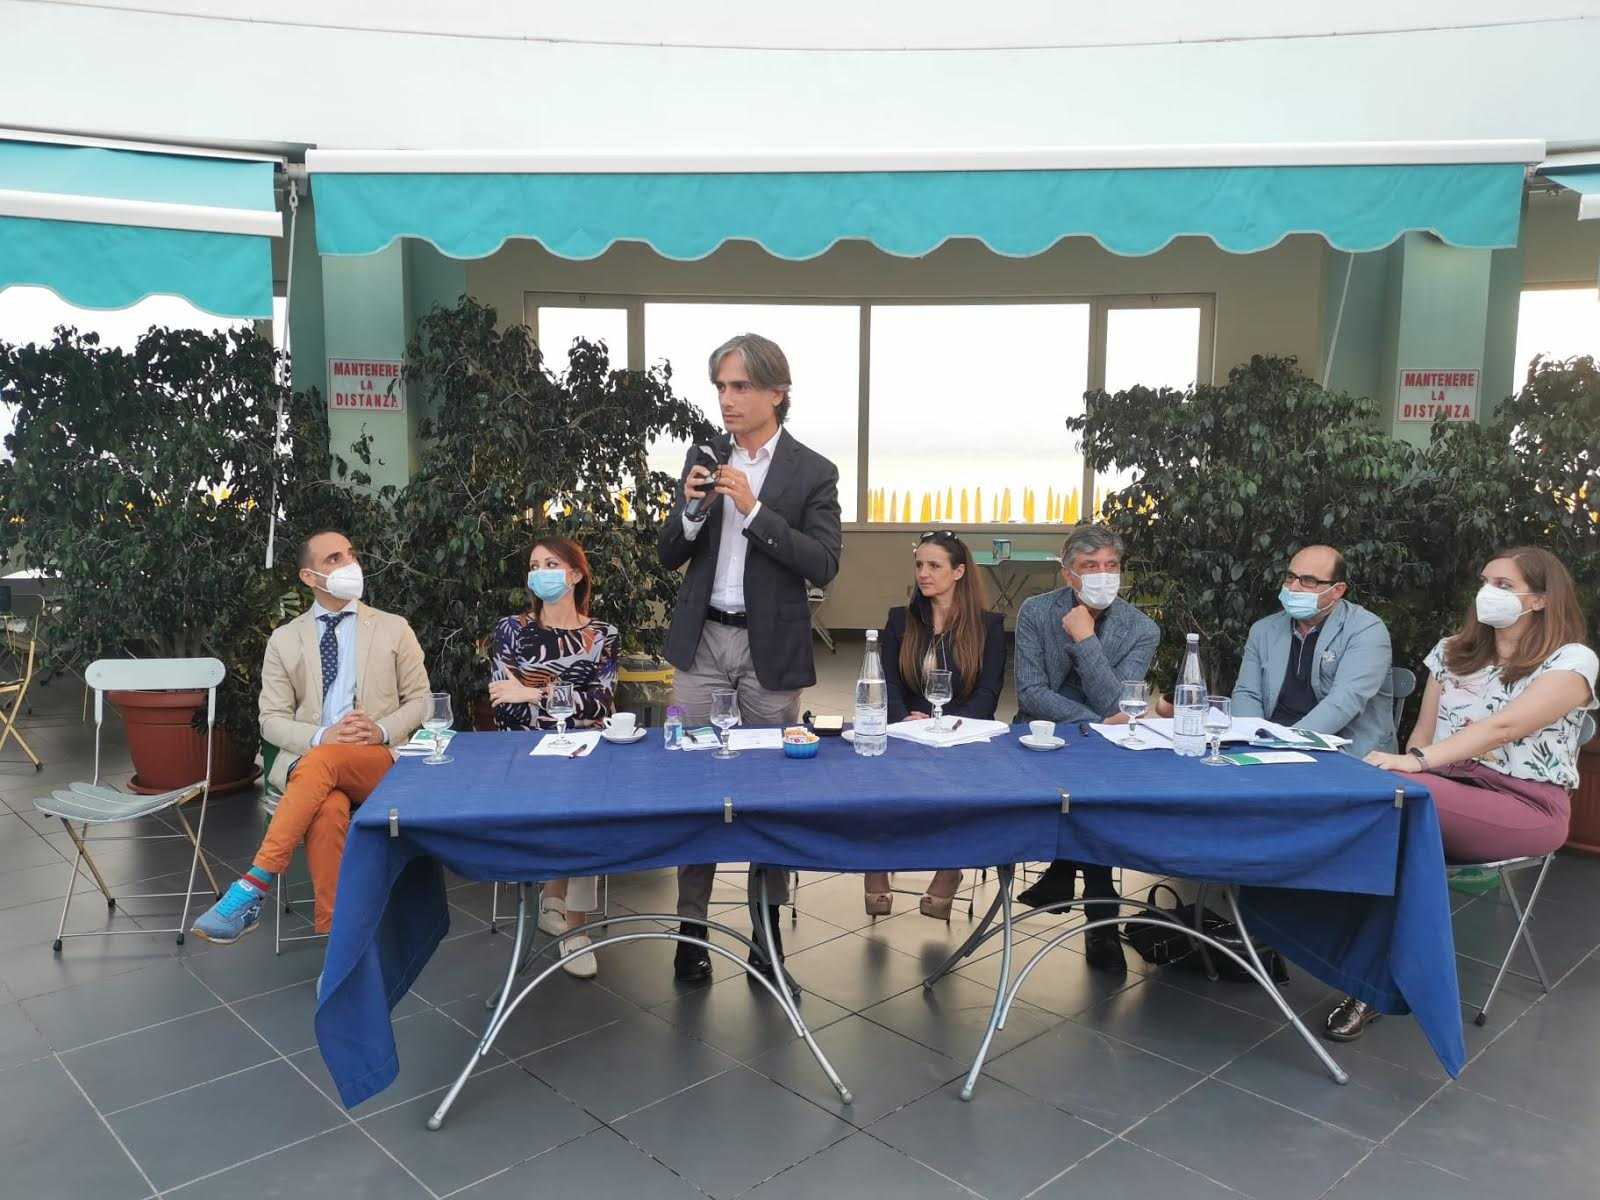 Reggio, la spinta del nuovo Piano spiaggia per il rilancio dei borghi marinari